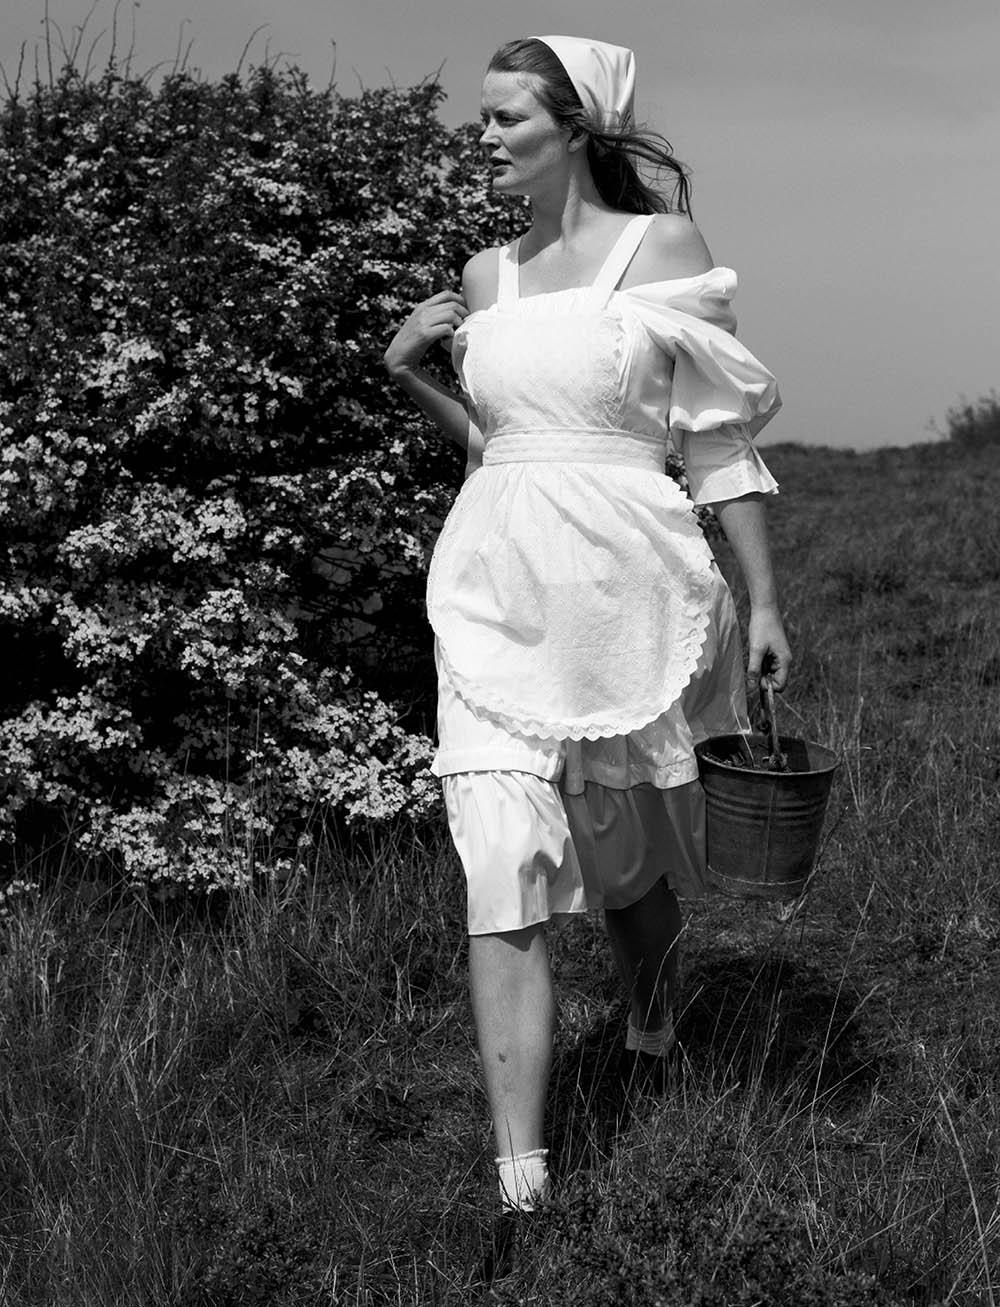 Marte-Boneschansker-by-Paul-Bellaart-for-Vogue-Netherlands-July-August-2019-11.jpg